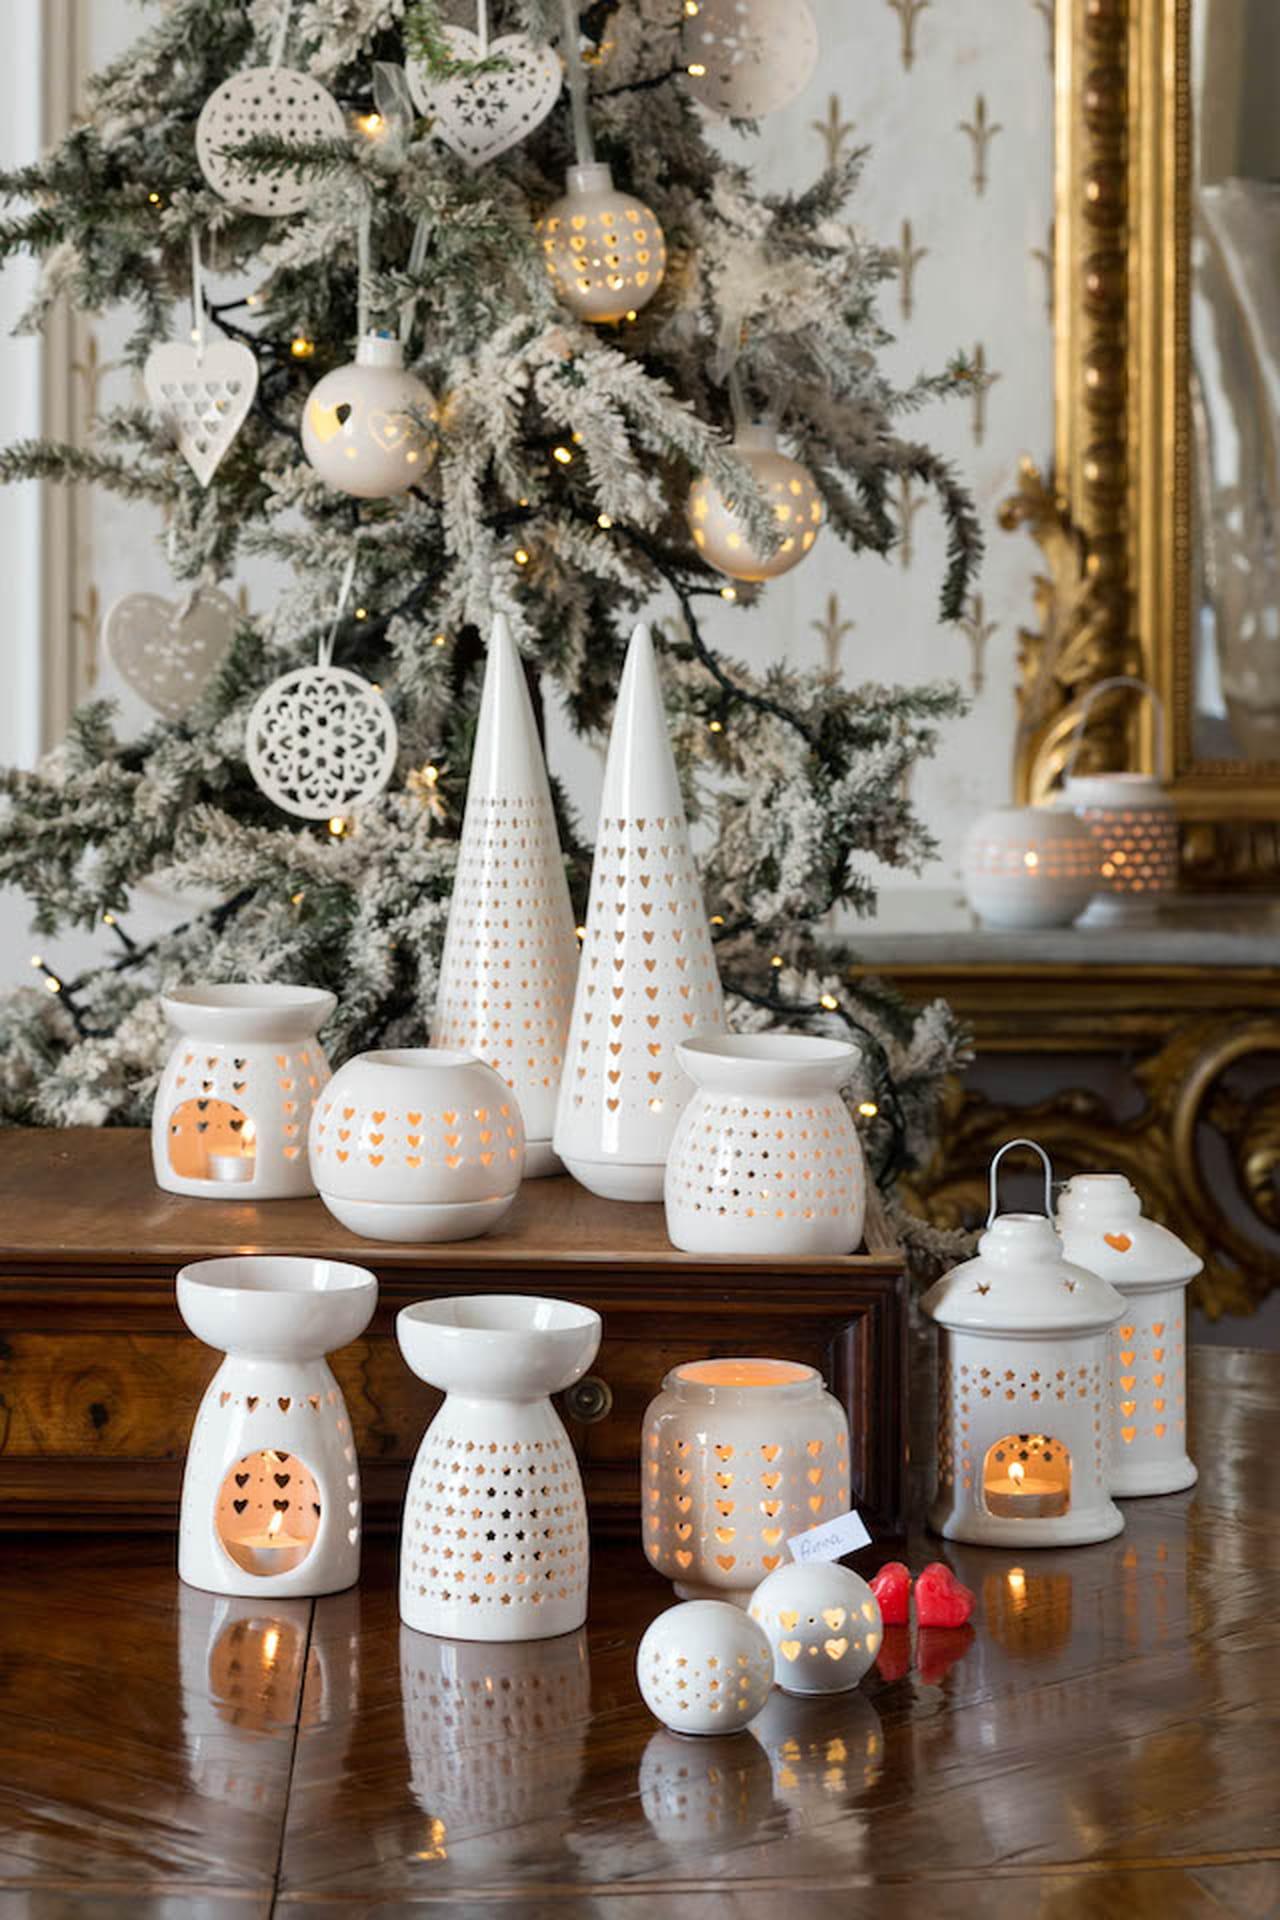 Decorazioni natalizie addobbi per la casa e la tavola - Addobbi natalizi per tavola da pranzo ...